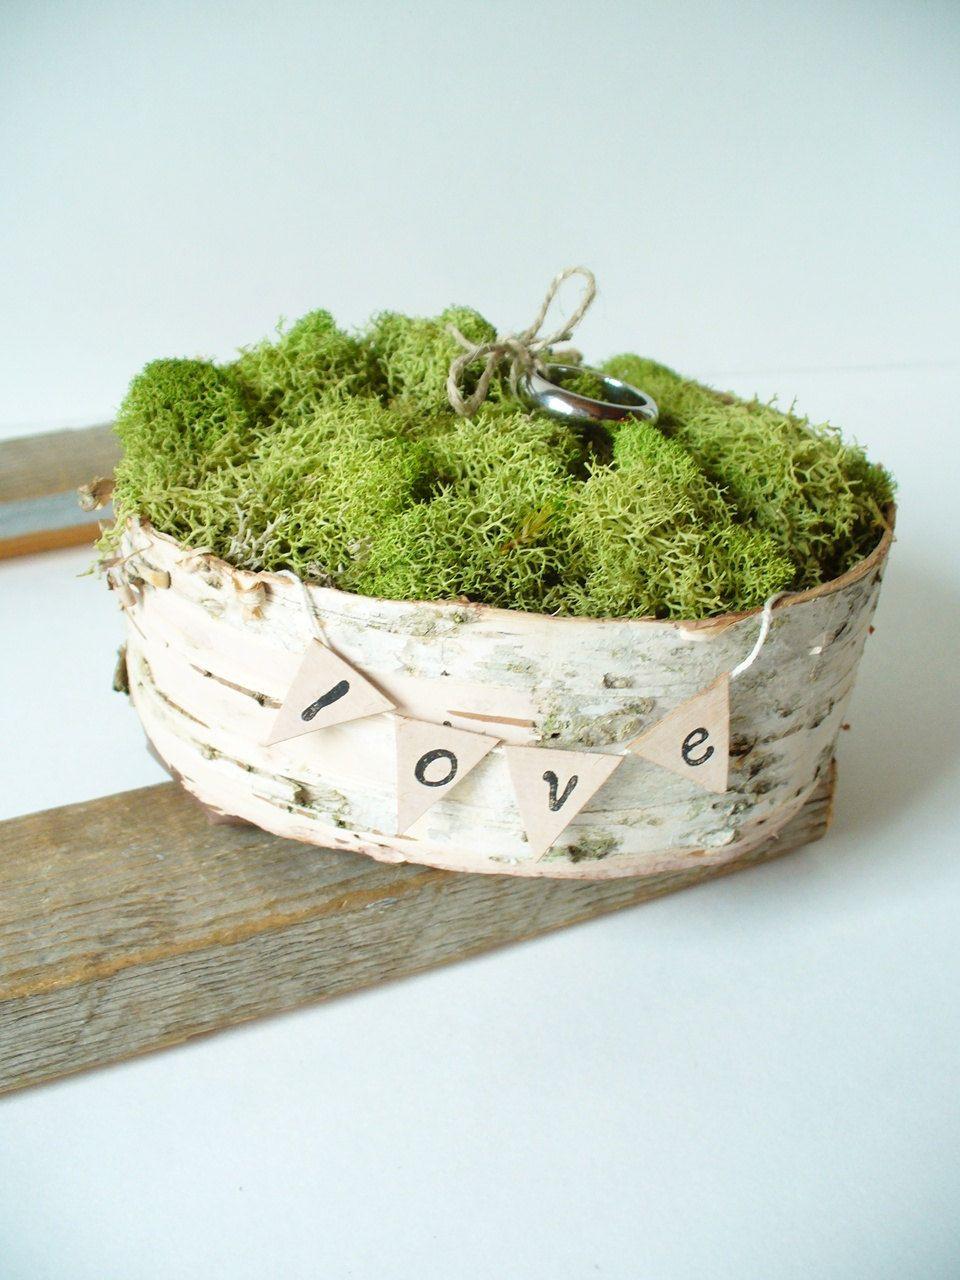 Ringe auf Moos gebettet hochzeit ringe pflanze moos